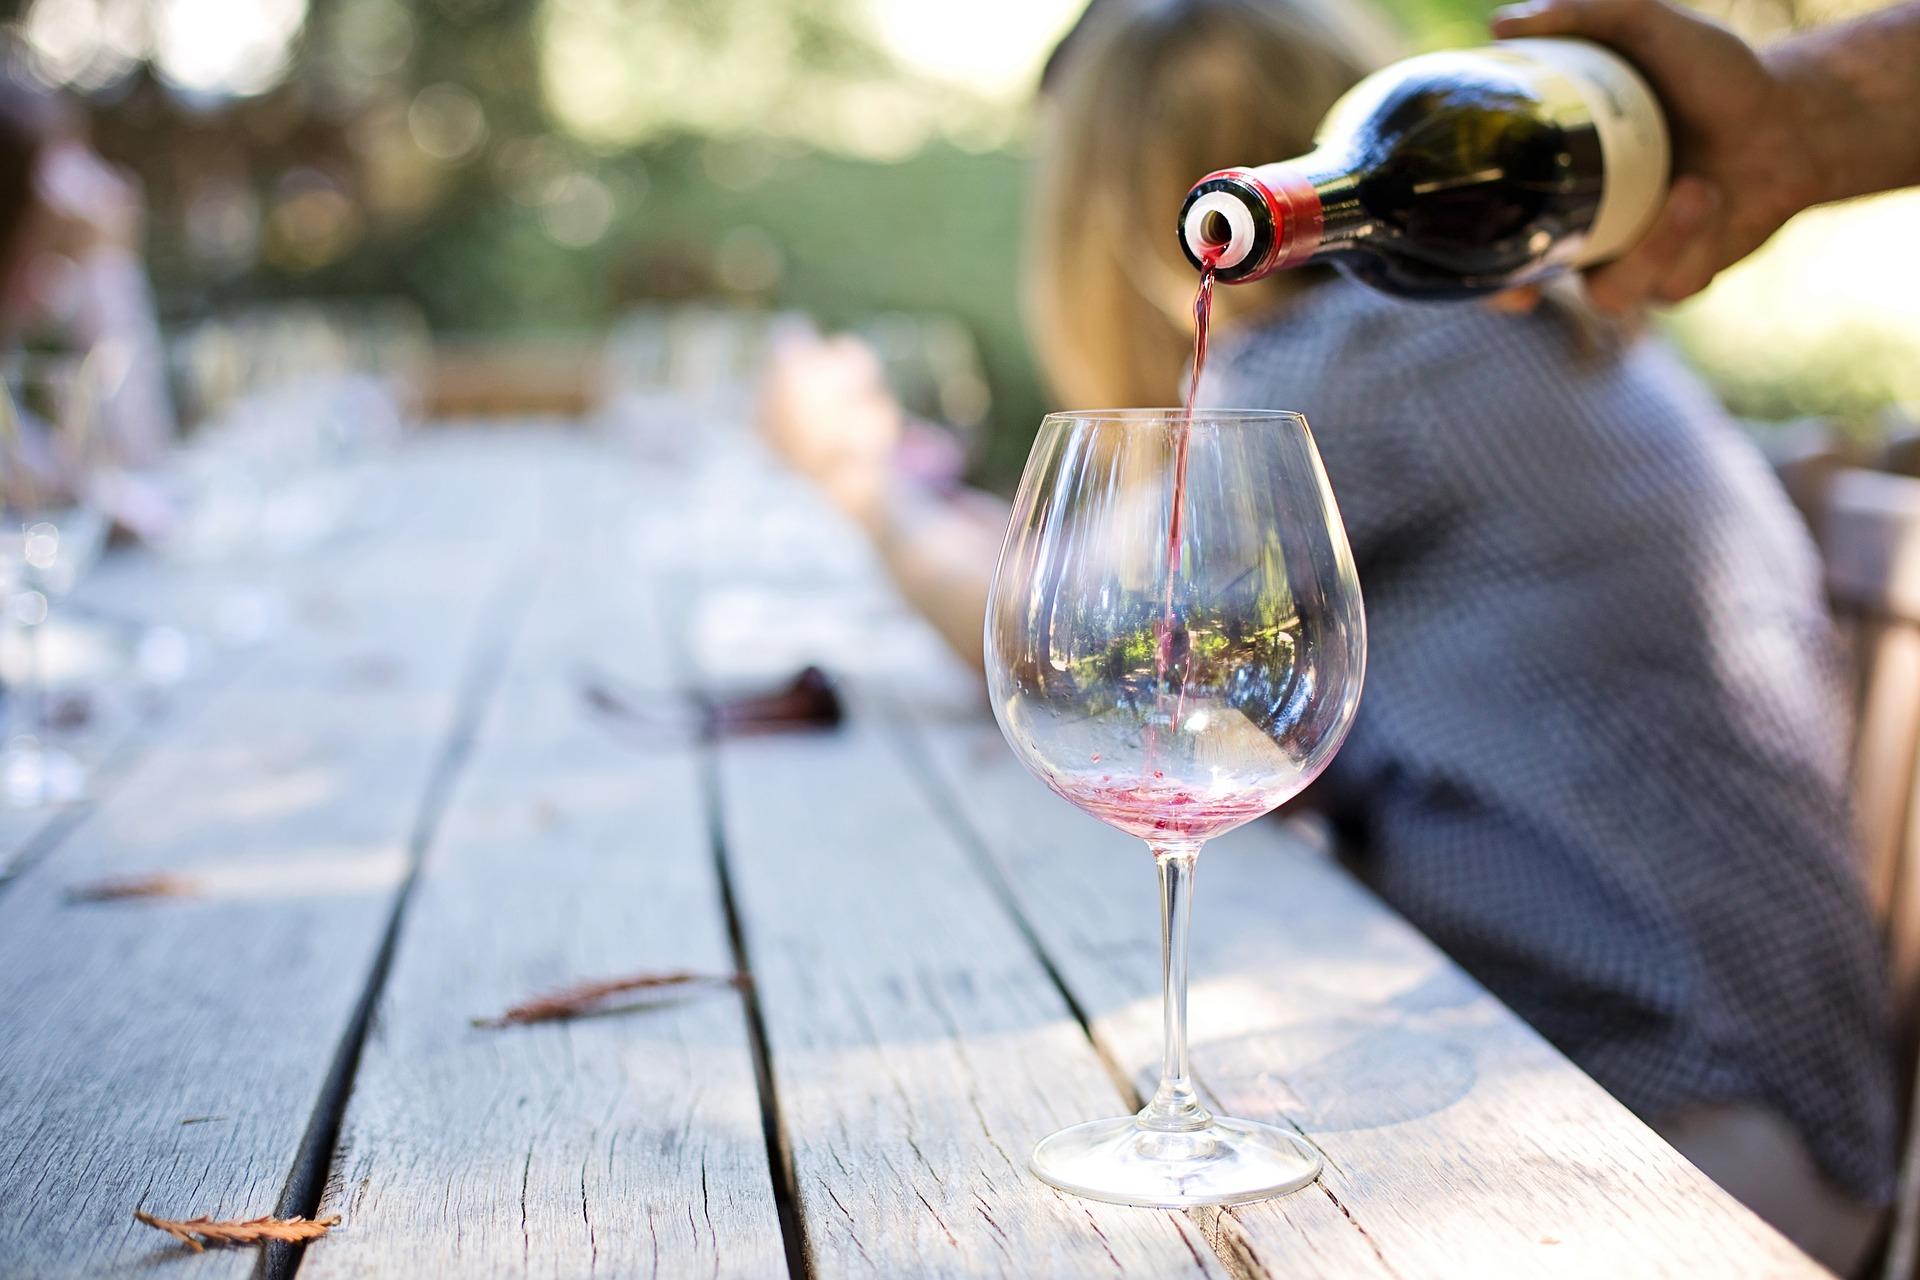 Wijn drinken proeven activiteiten harderwijk ermelo putten september weekend